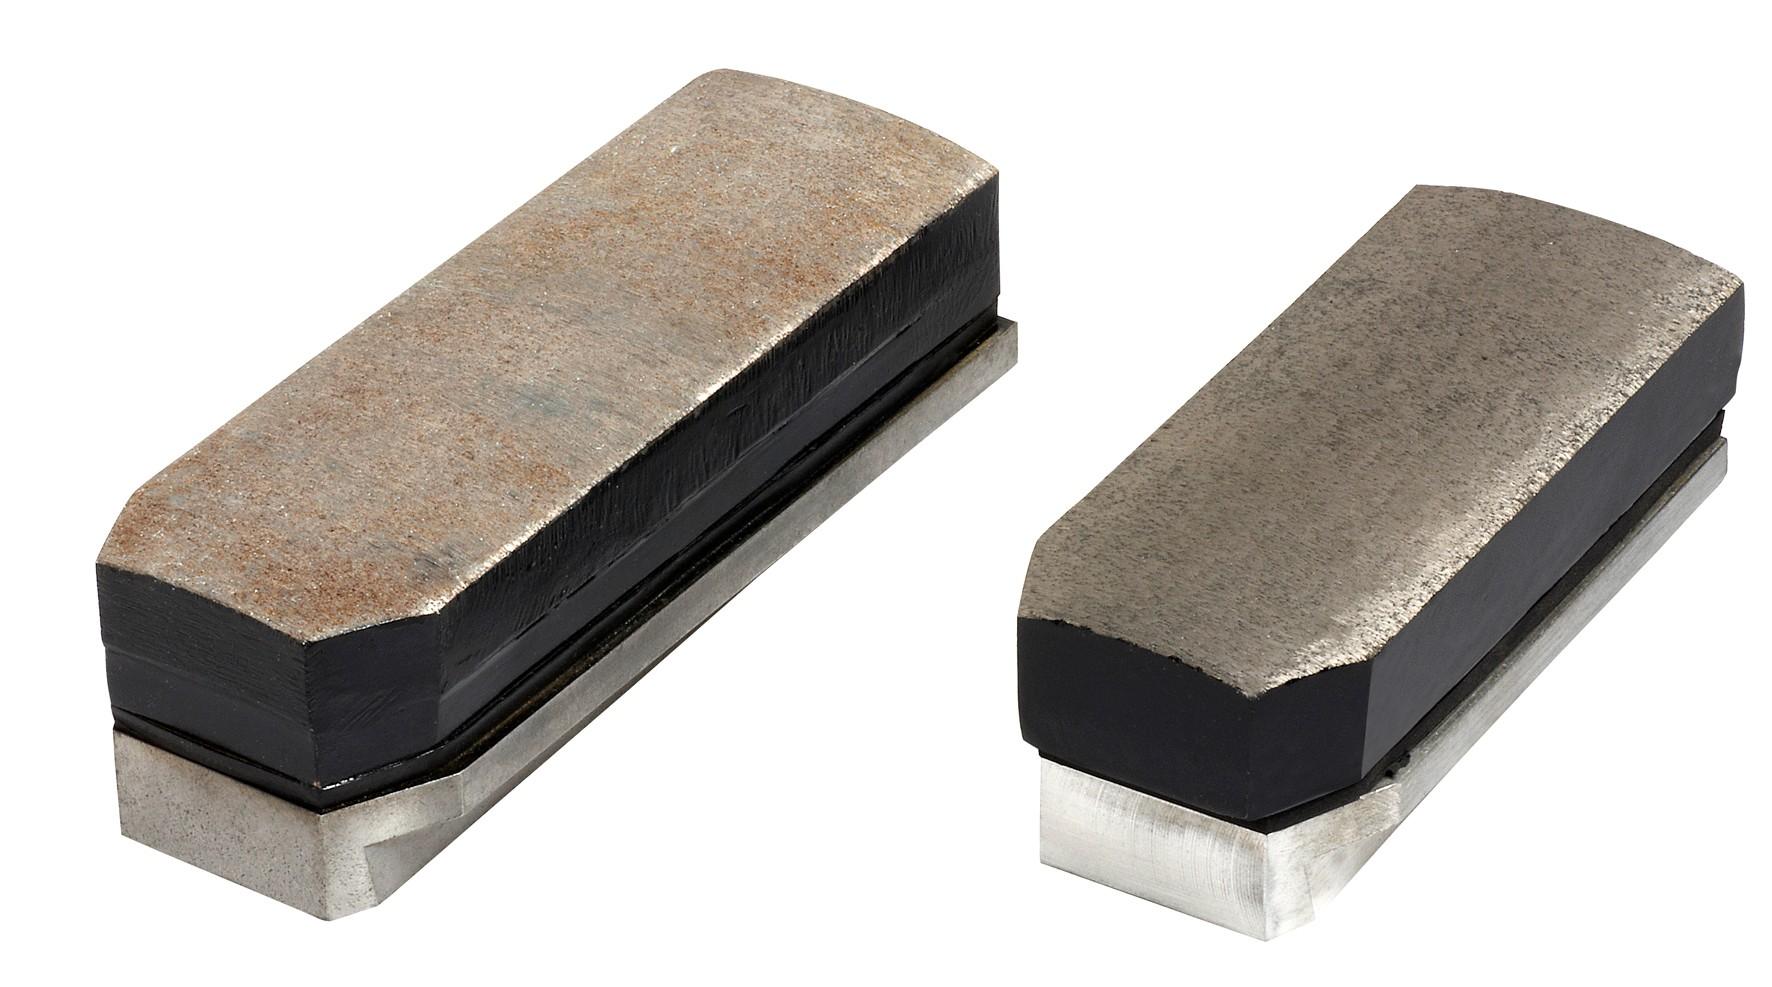 购买金属结合抛光块,金属结合抛光块价格,金属结合抛光块品牌,金属结合抛光块制造商,金属结合抛光块行情,金属结合抛光块公司